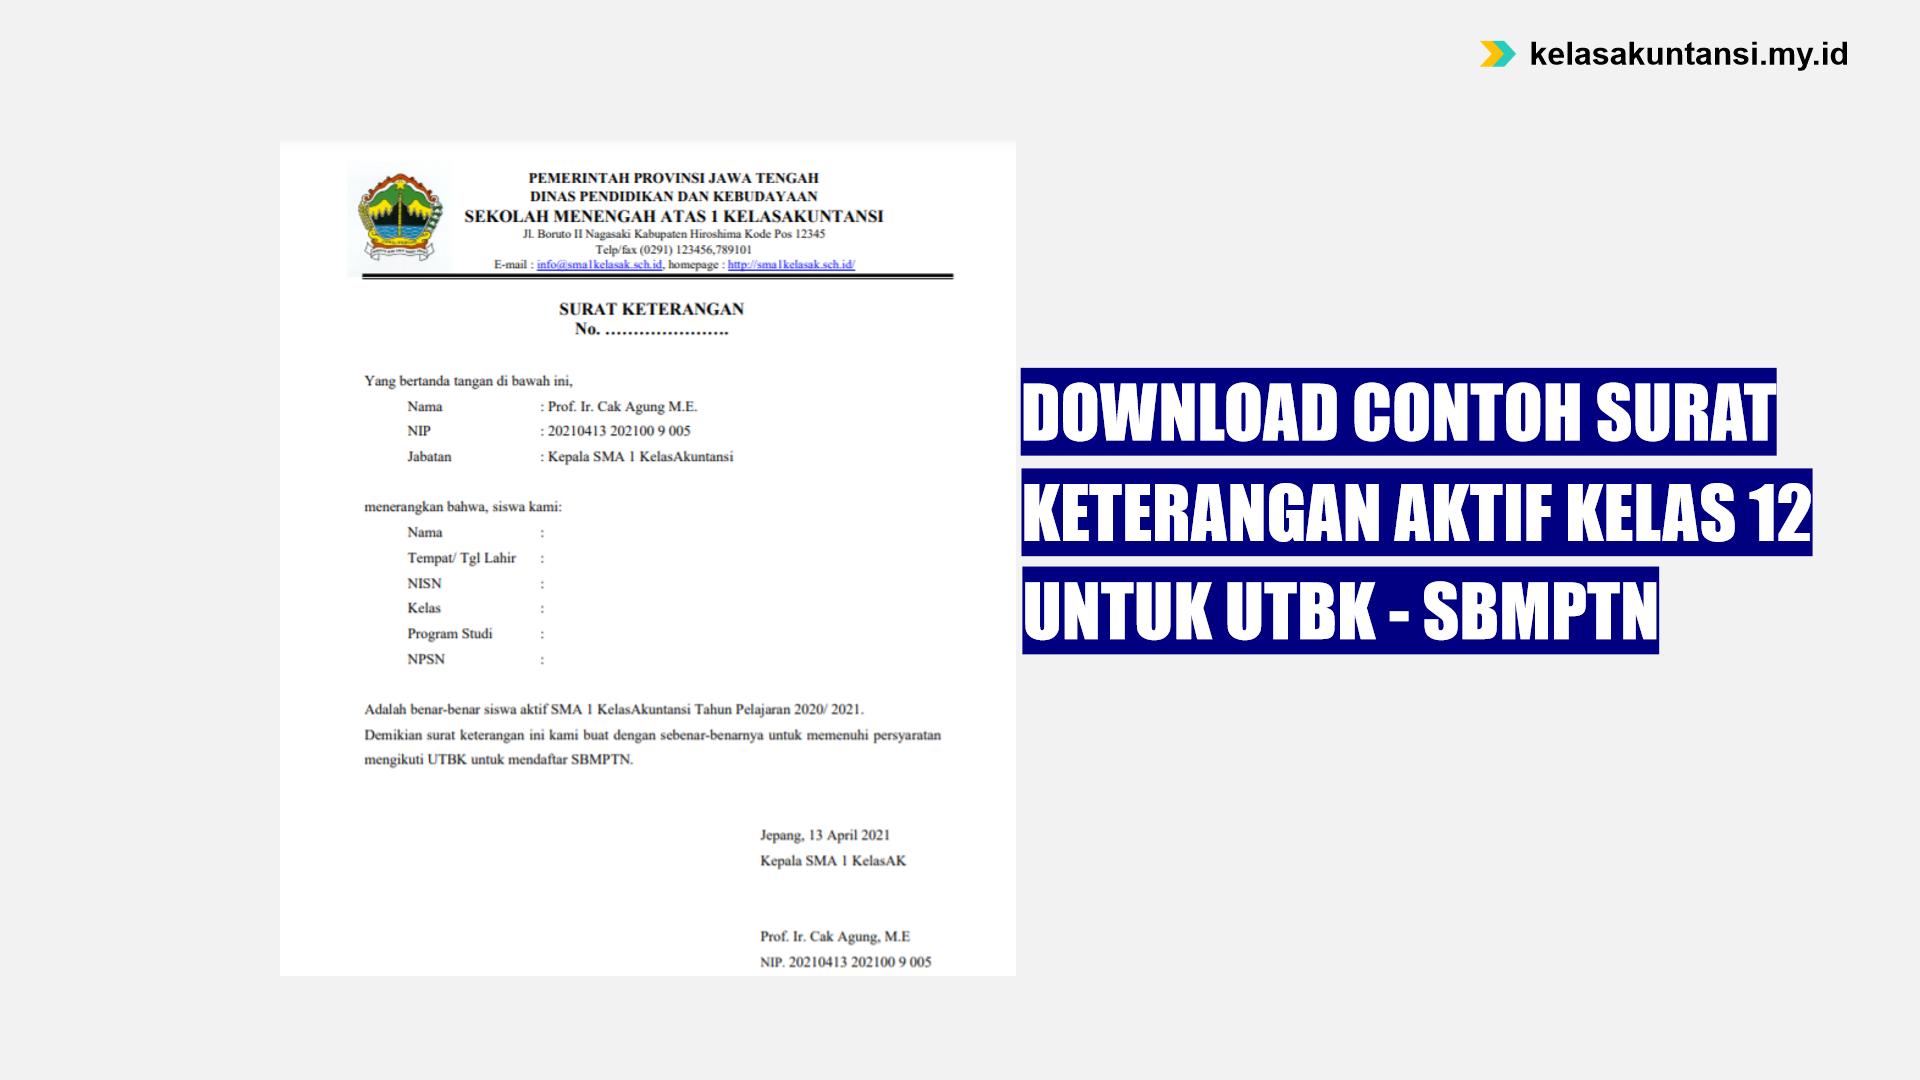 Download Contoh Surat Keterangan Aktif Kelas 12 untuk SBMPTN 2021